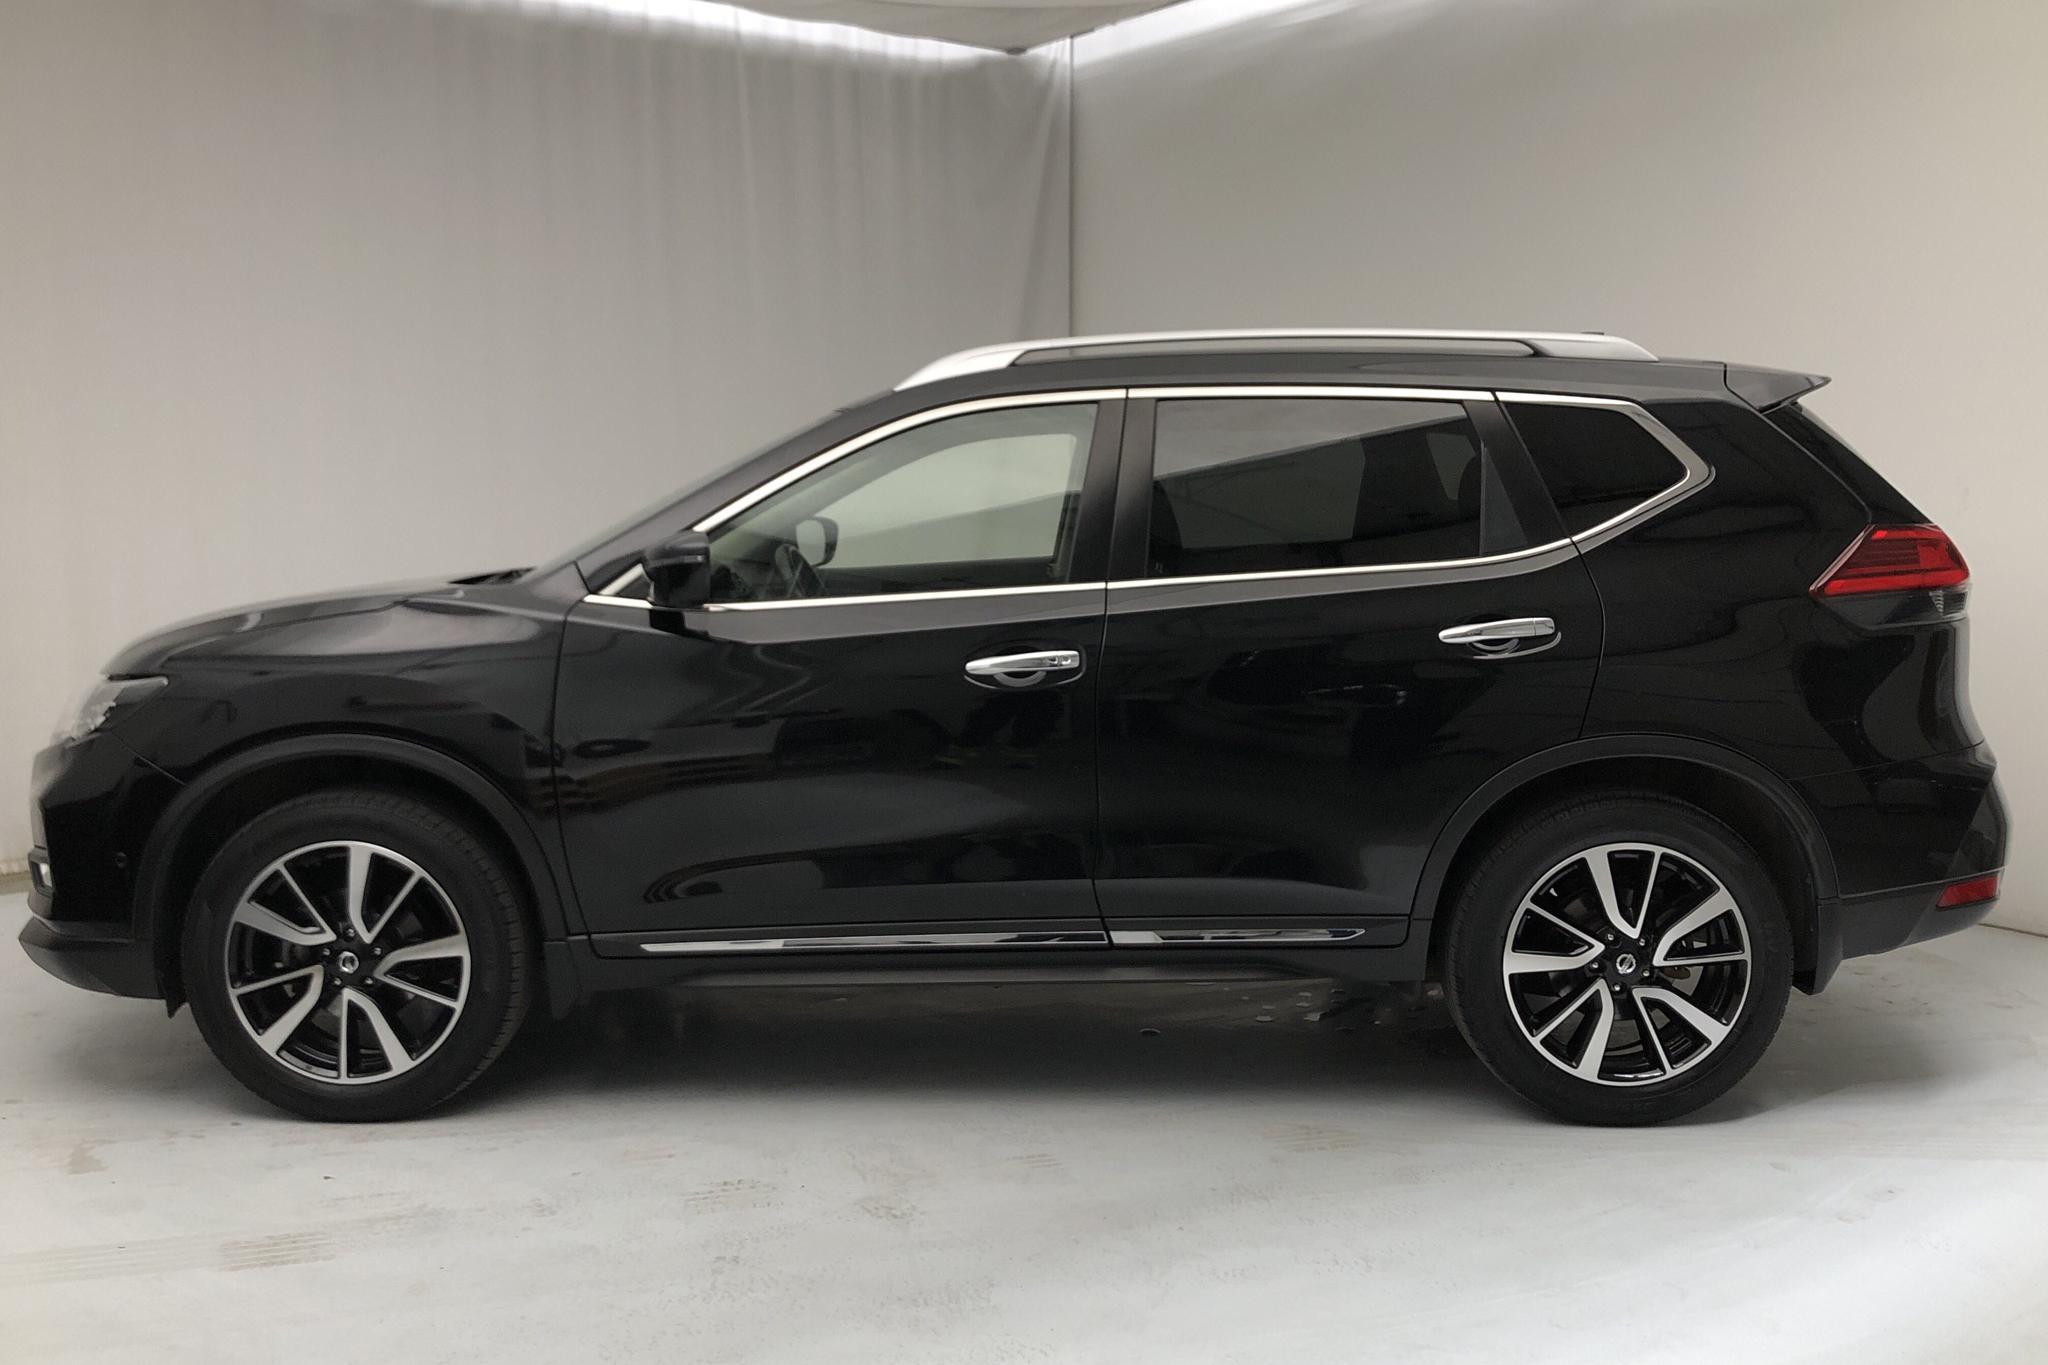 Nissan X-trail 1.6 dCi 2WD (130hk) - 4 501 mil - Automat - svart - 2017